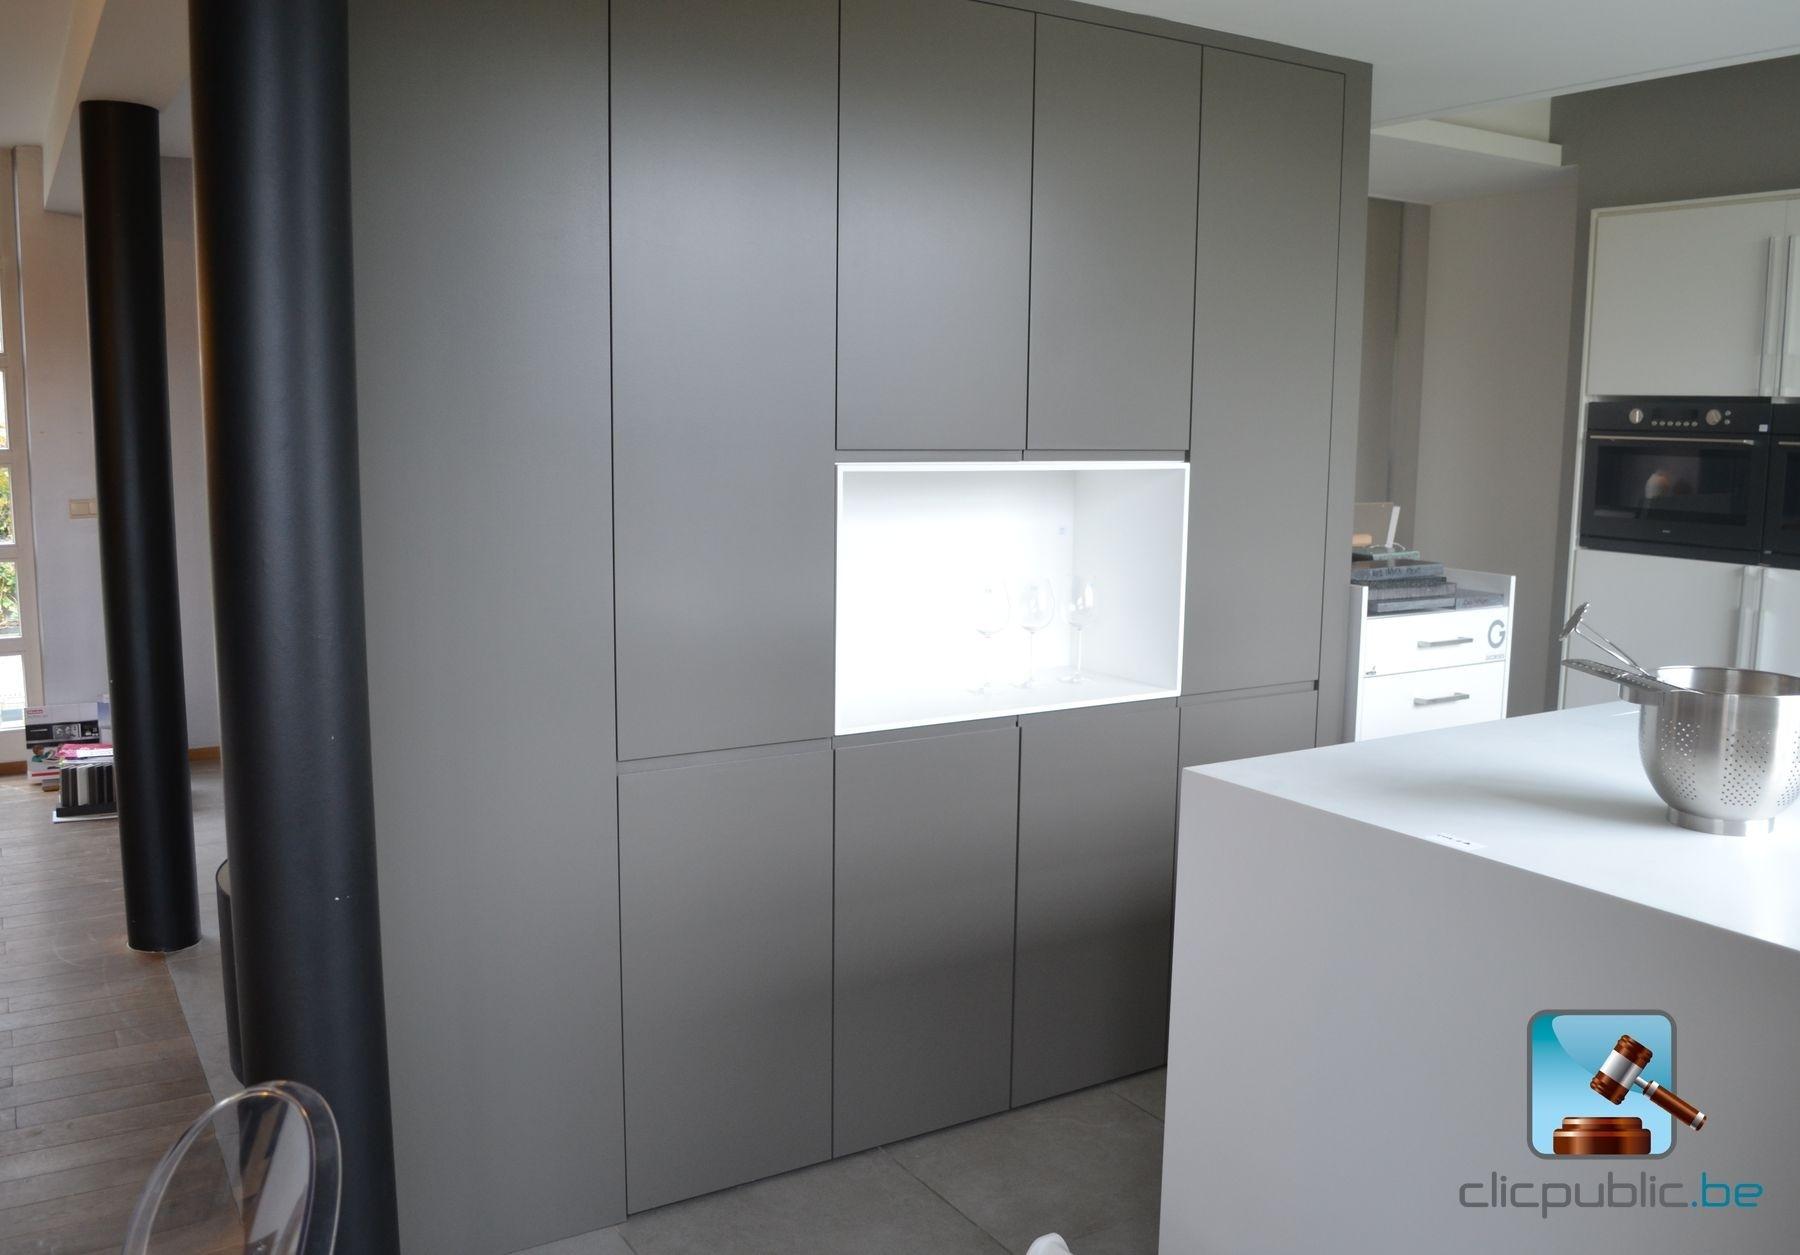 Keukenkast Deuren Vervangen : Ikea keukenkast deuren vervangen u informatie over de keuken